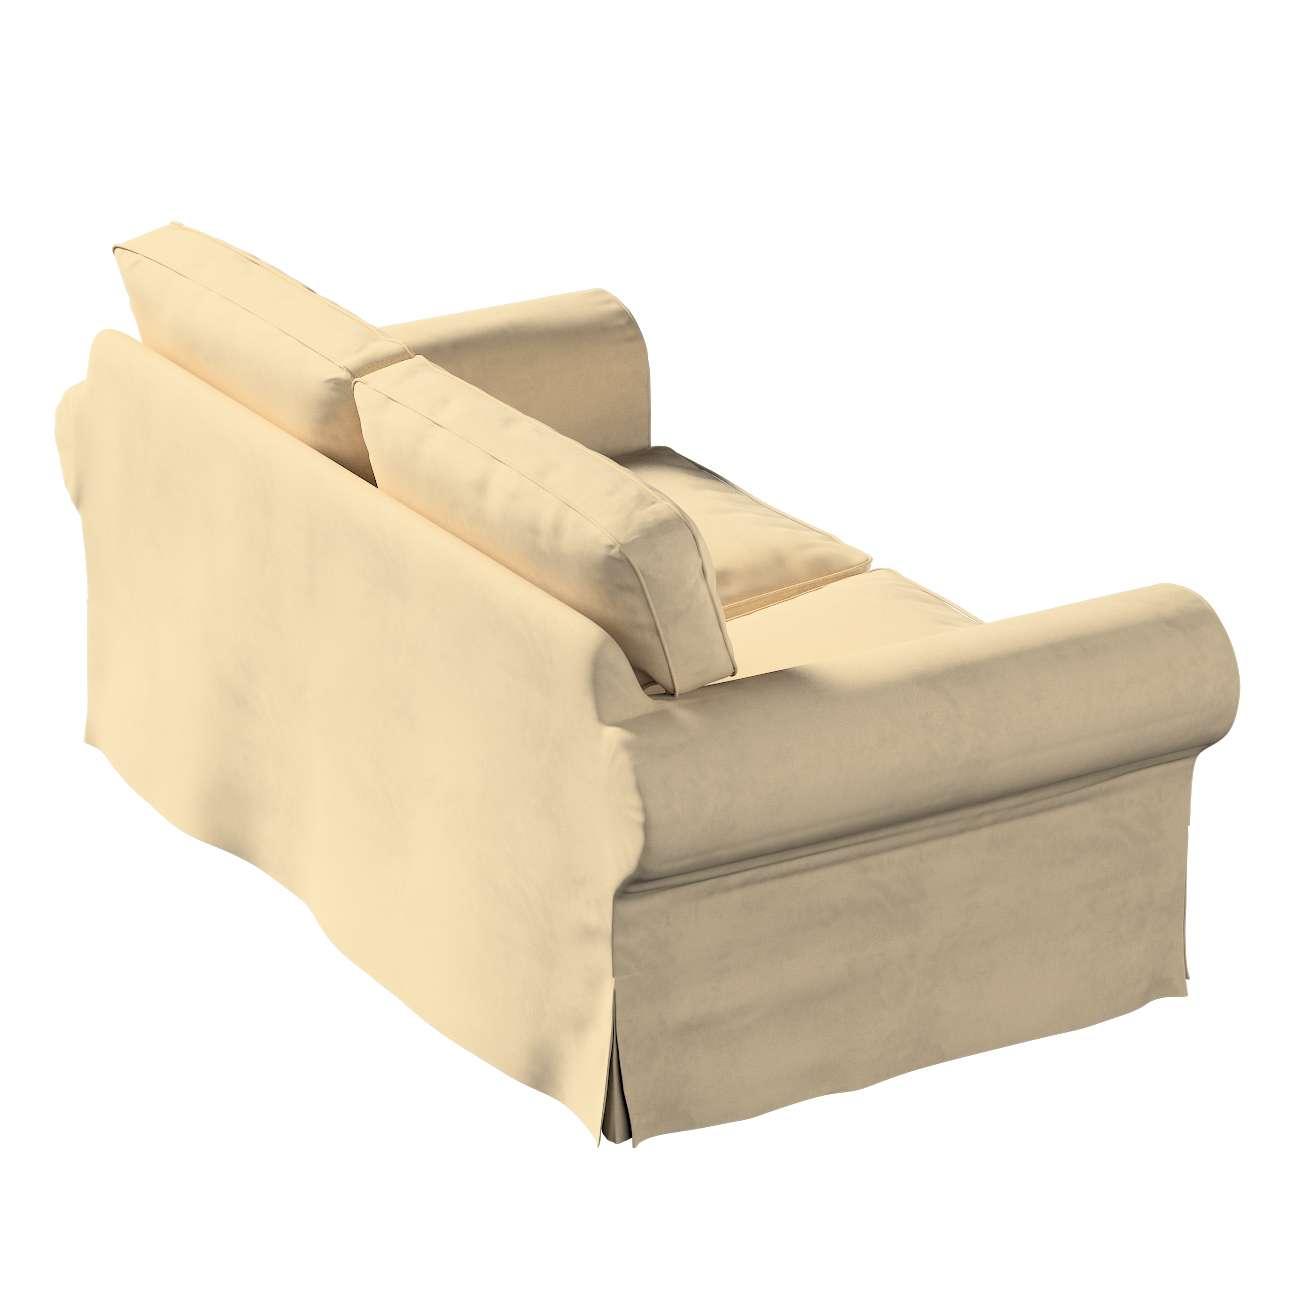 Pokrowiec na sofę Ektorp 2-osobową rozkładaną, model po 2012 w kolekcji Living, tkanina: 160-82